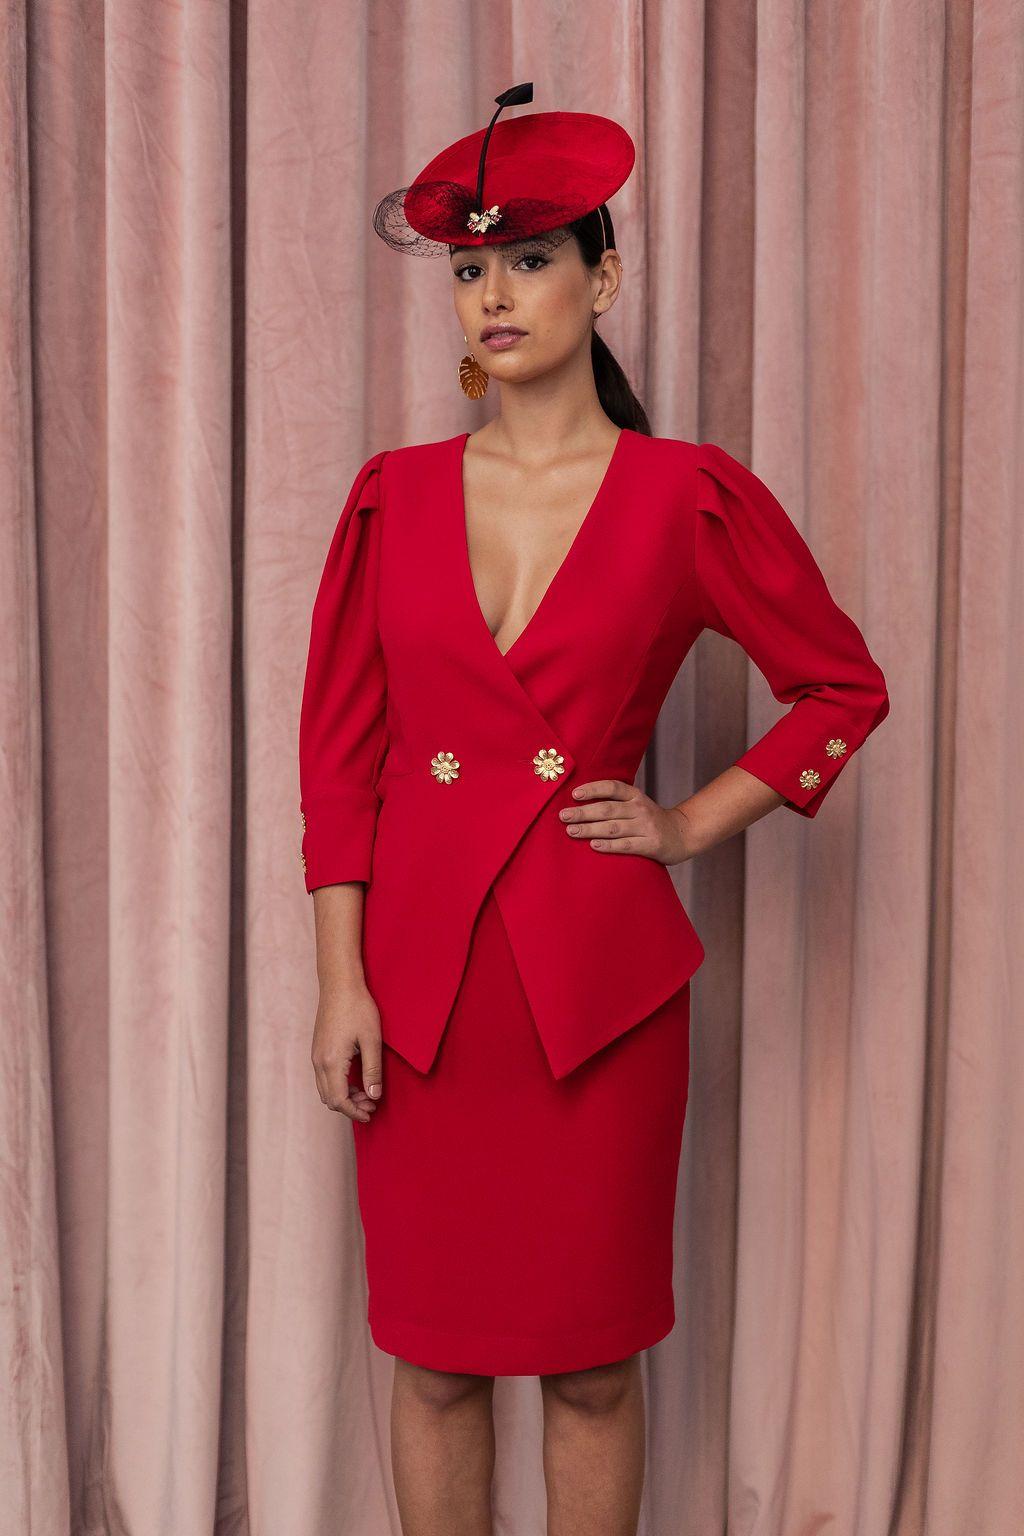 20fdfd8ef9c Vestido corto de crepe rojo con peplum y manga francesa con botones dorados  en forma de flor, combinado con pamela de ante roja